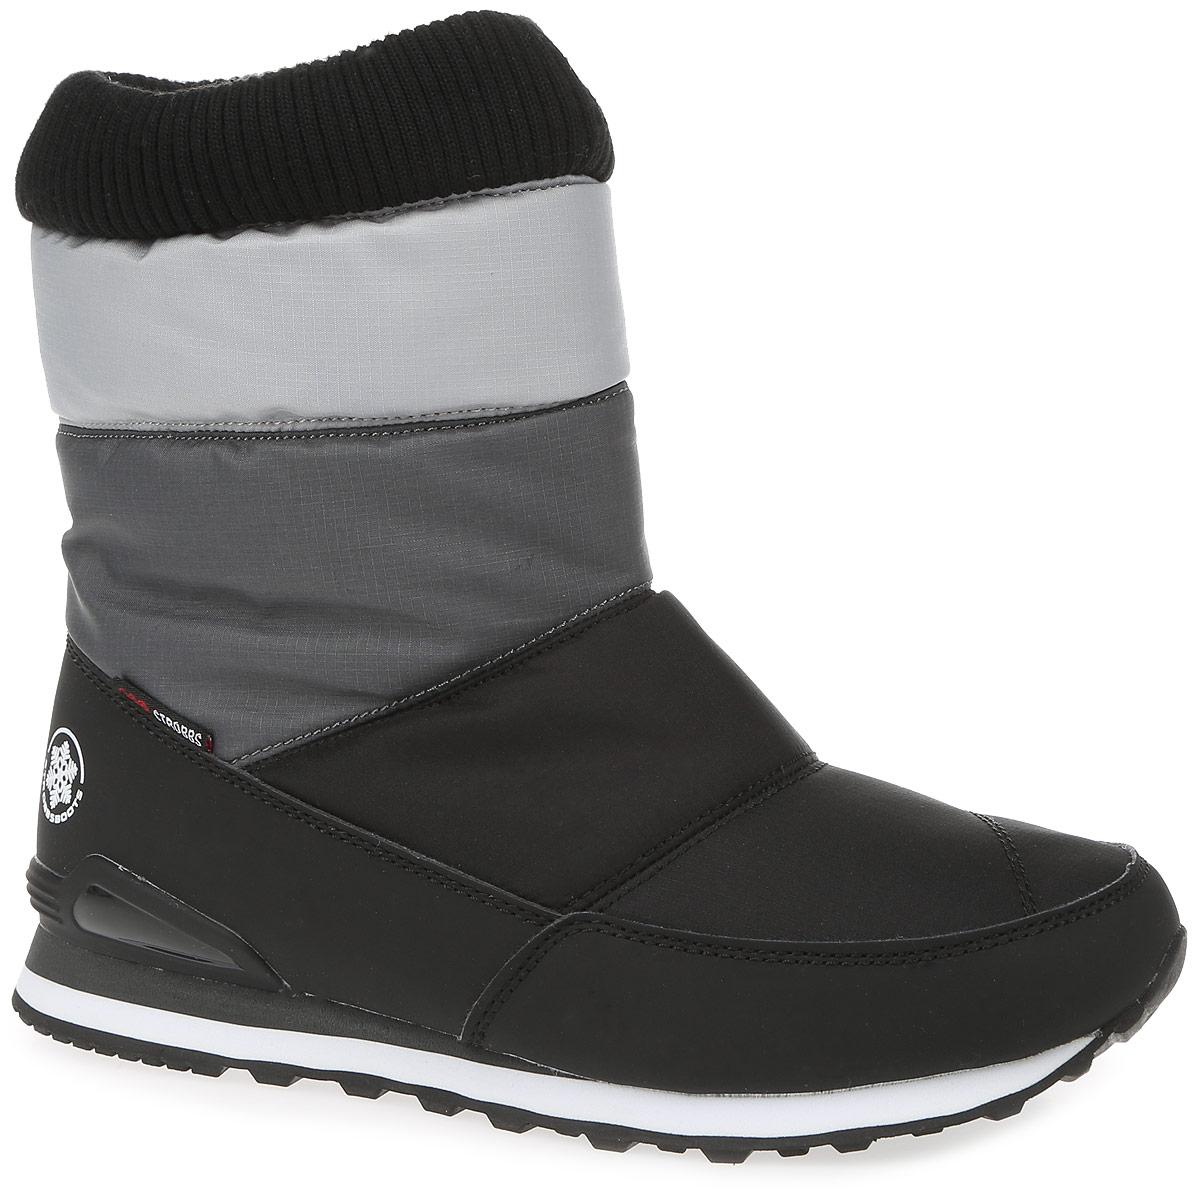 Дутики женские Strobbs, цвет: черный, серый. F8163-3. Размер 38F8163-3Удобные женские дутики Strobbs - отличный вариант для повседневной носки. Модель выполнена из полиэстера с пропиткой и синтетической кожи. Верх изделия оформлен резинкой, которая надежно фиксирует модель на ноге и регулирует объем. Подкладка и стелька, изготовленные из искусственной шерсти, согреют ноги в мороз и обеспечат уют. Подошва препятствует скольжению, а ее особая форма обеспечивает удобство при ходьбе. Модель маломерит на 1 размер. В таких дутиках вашим ногам будет тепло и комфортно.